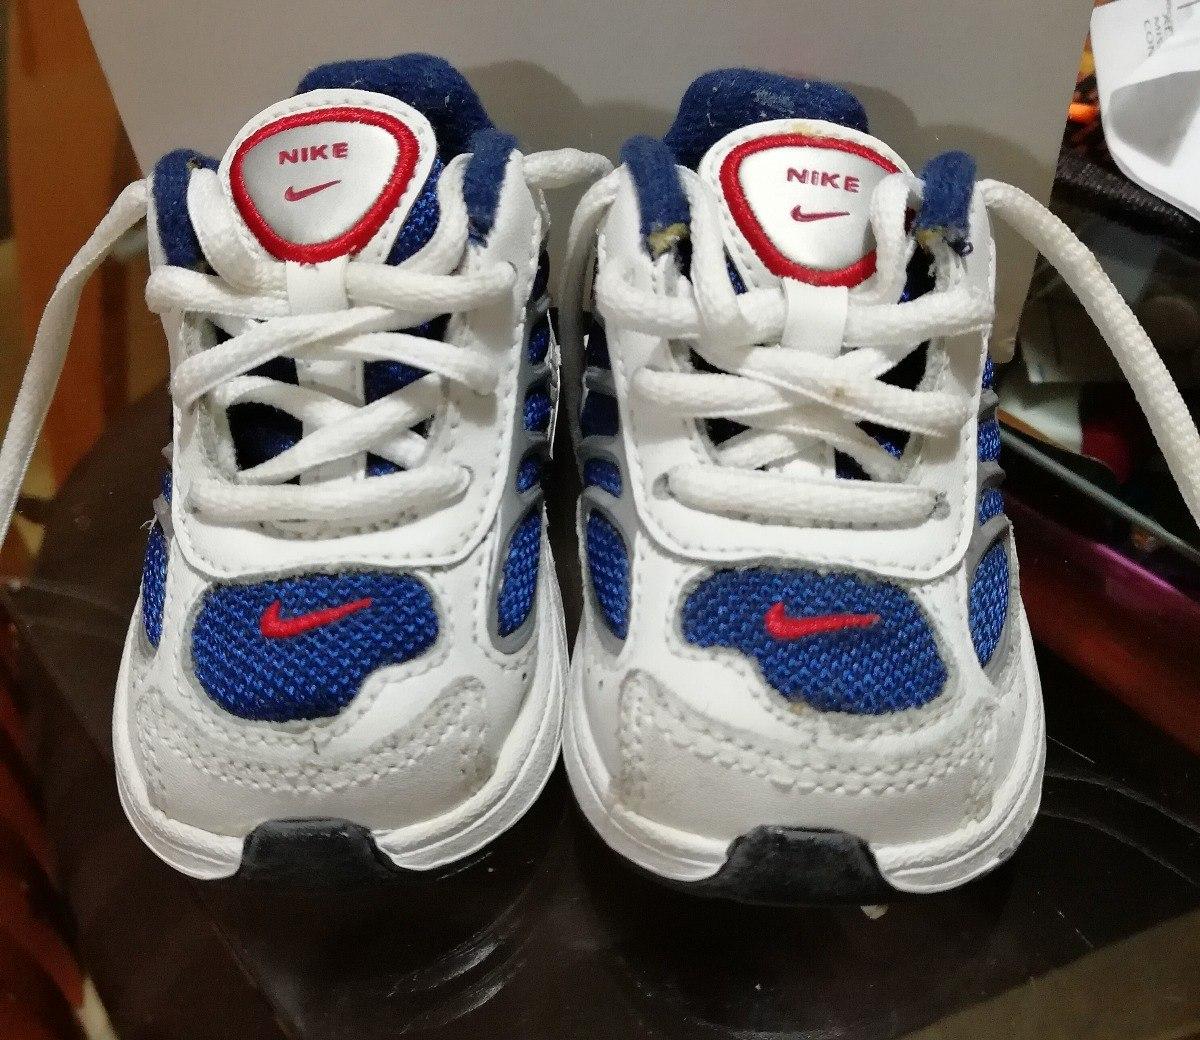 2adcde65a Para Recien Cm Tenis 499 Bebe 8 00 En Nike Nacido Originales qngxHSgw